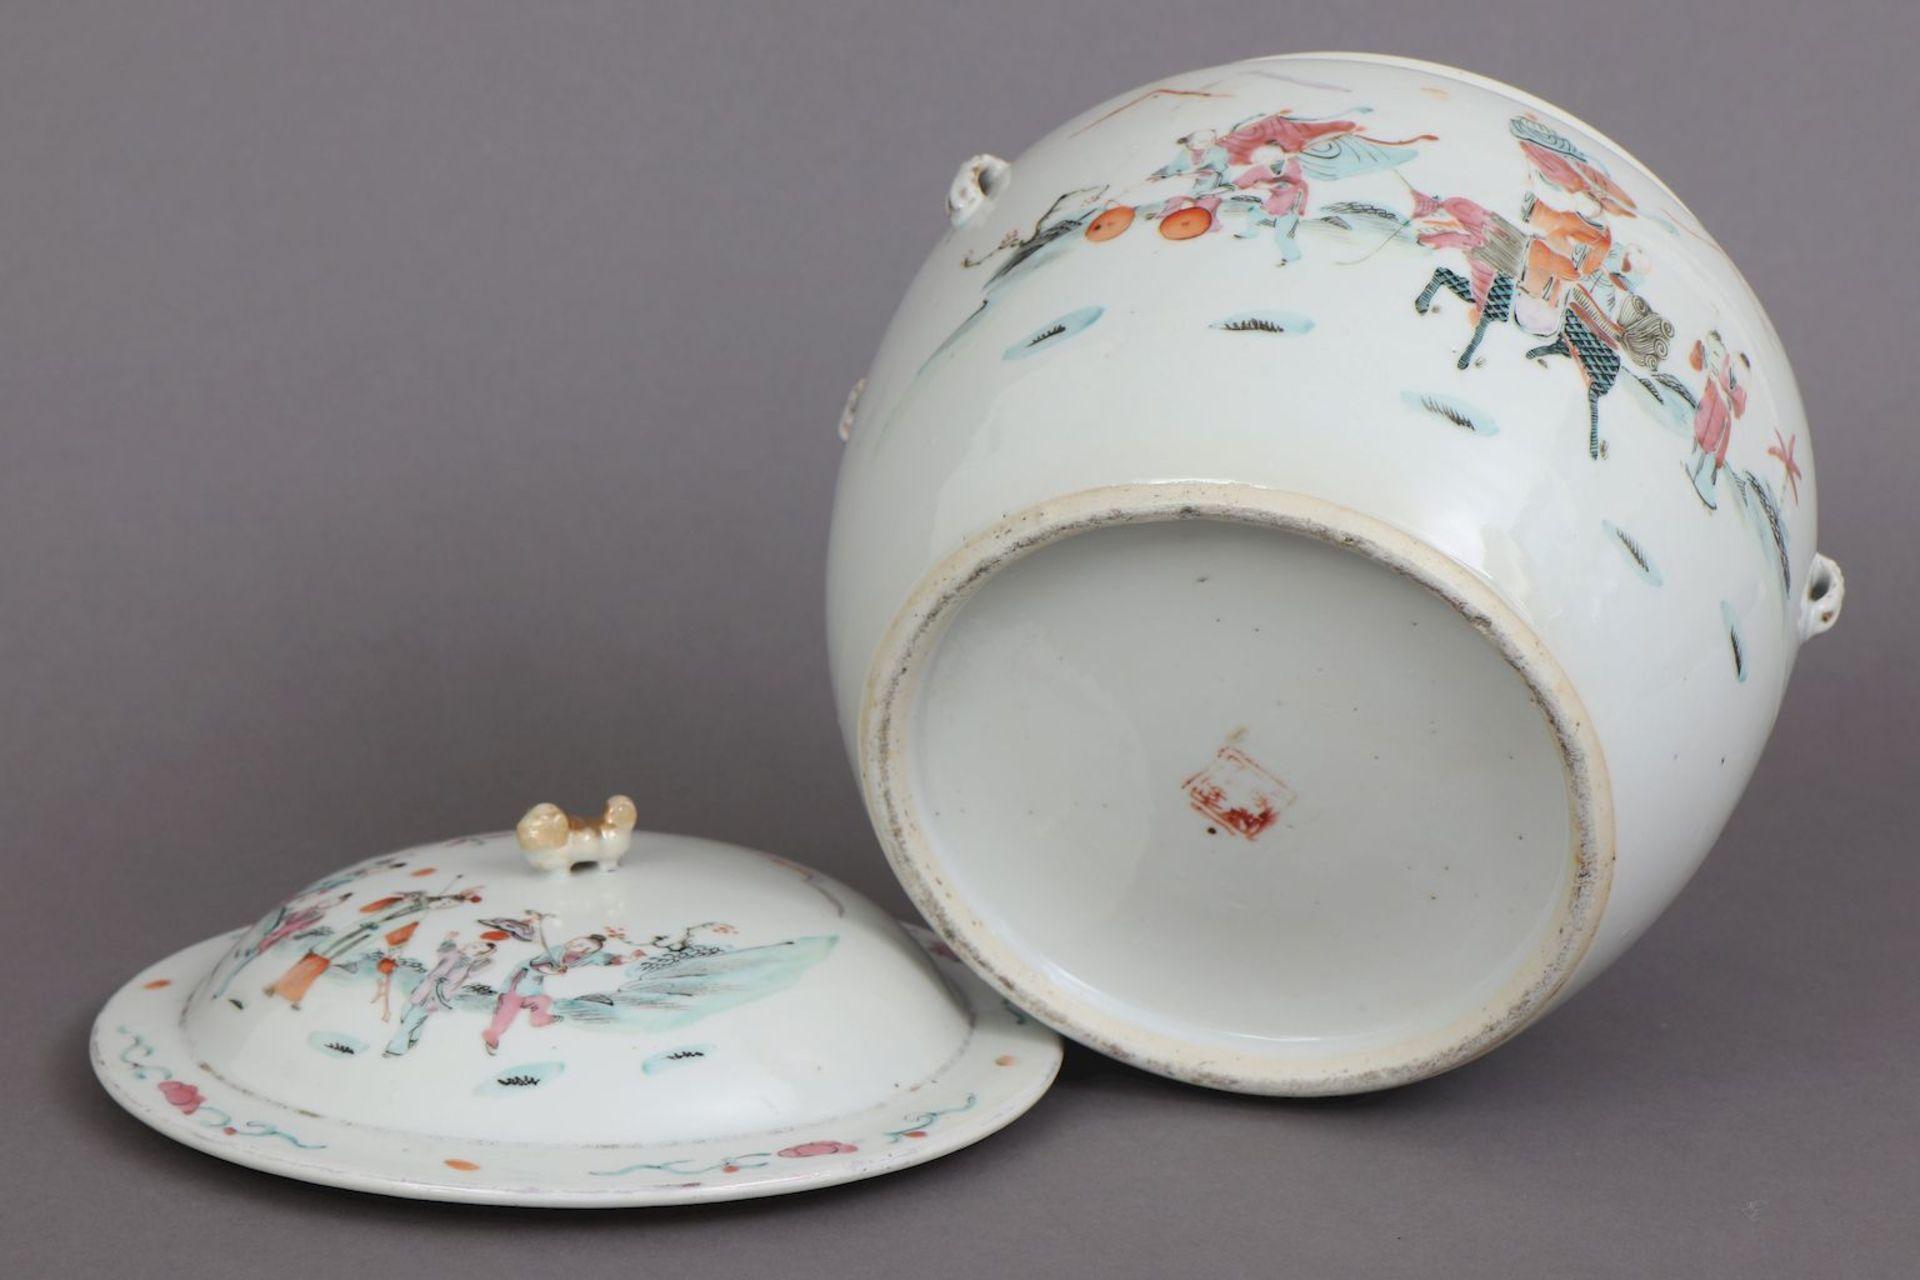 Chinesischer Porzellan Vorratstopf - Image 5 of 5